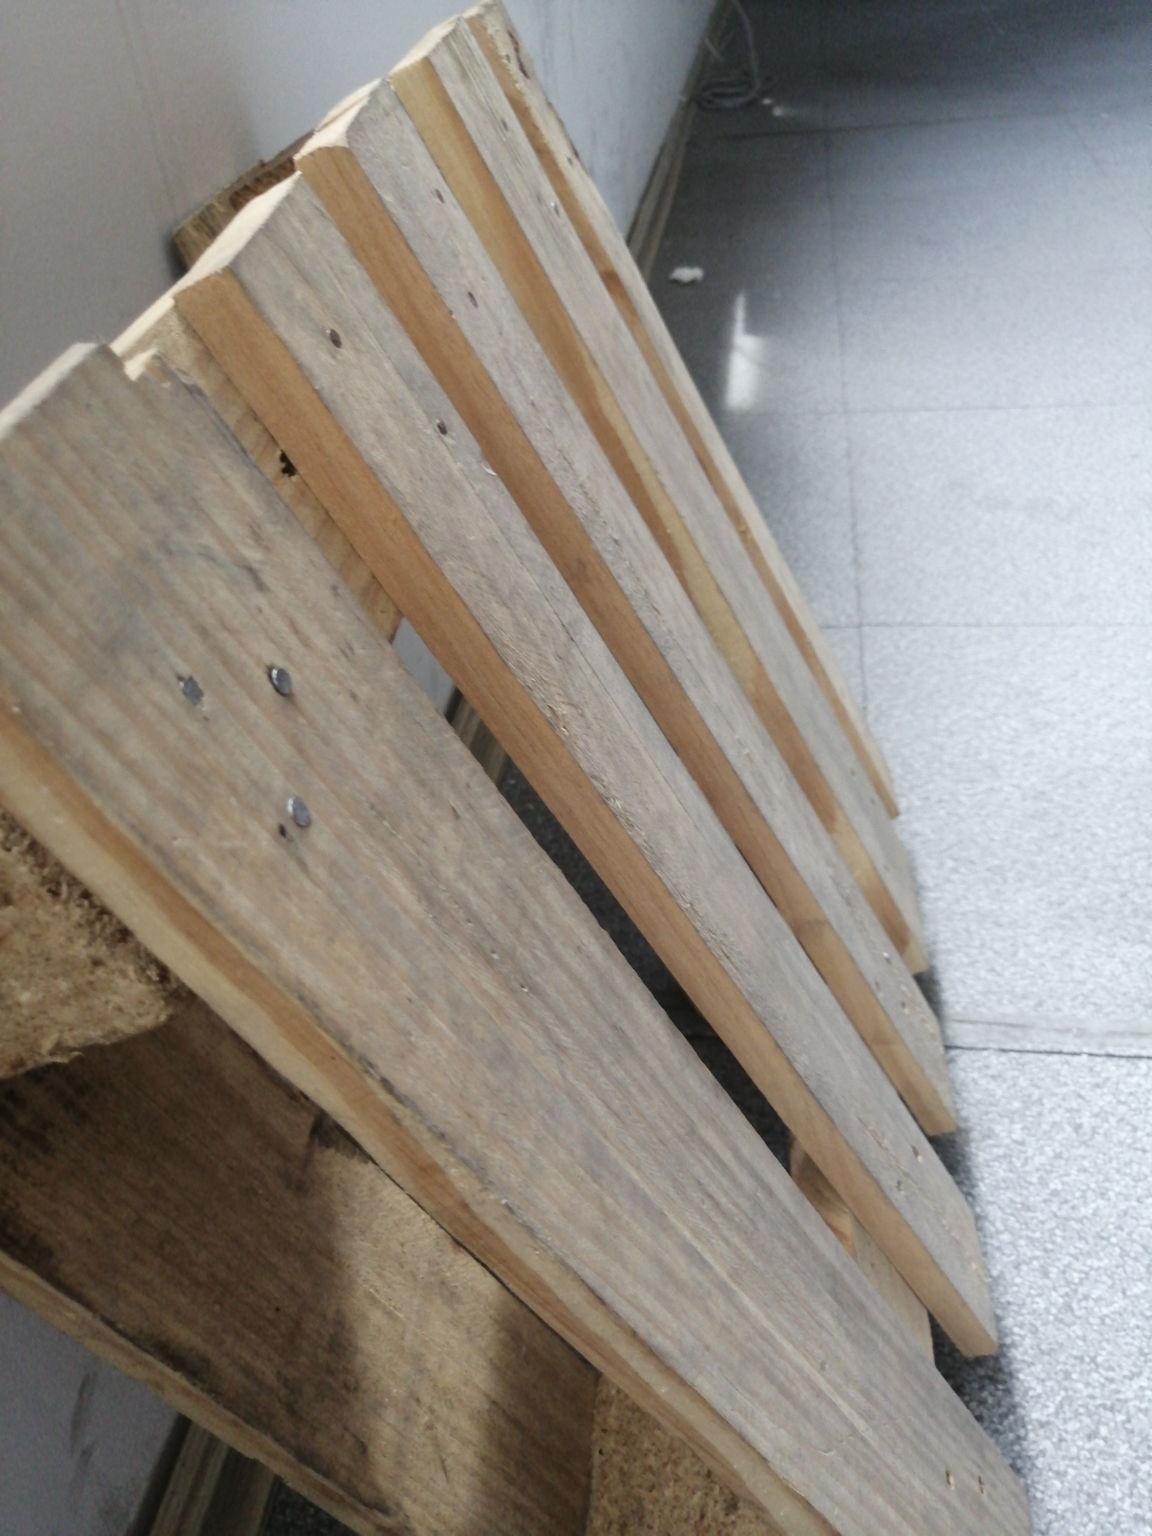 杭州专业�,⇜♡手托盘生产厂家施郎�,✱︵℠⇤ケ手托盘是由浙江施郎托